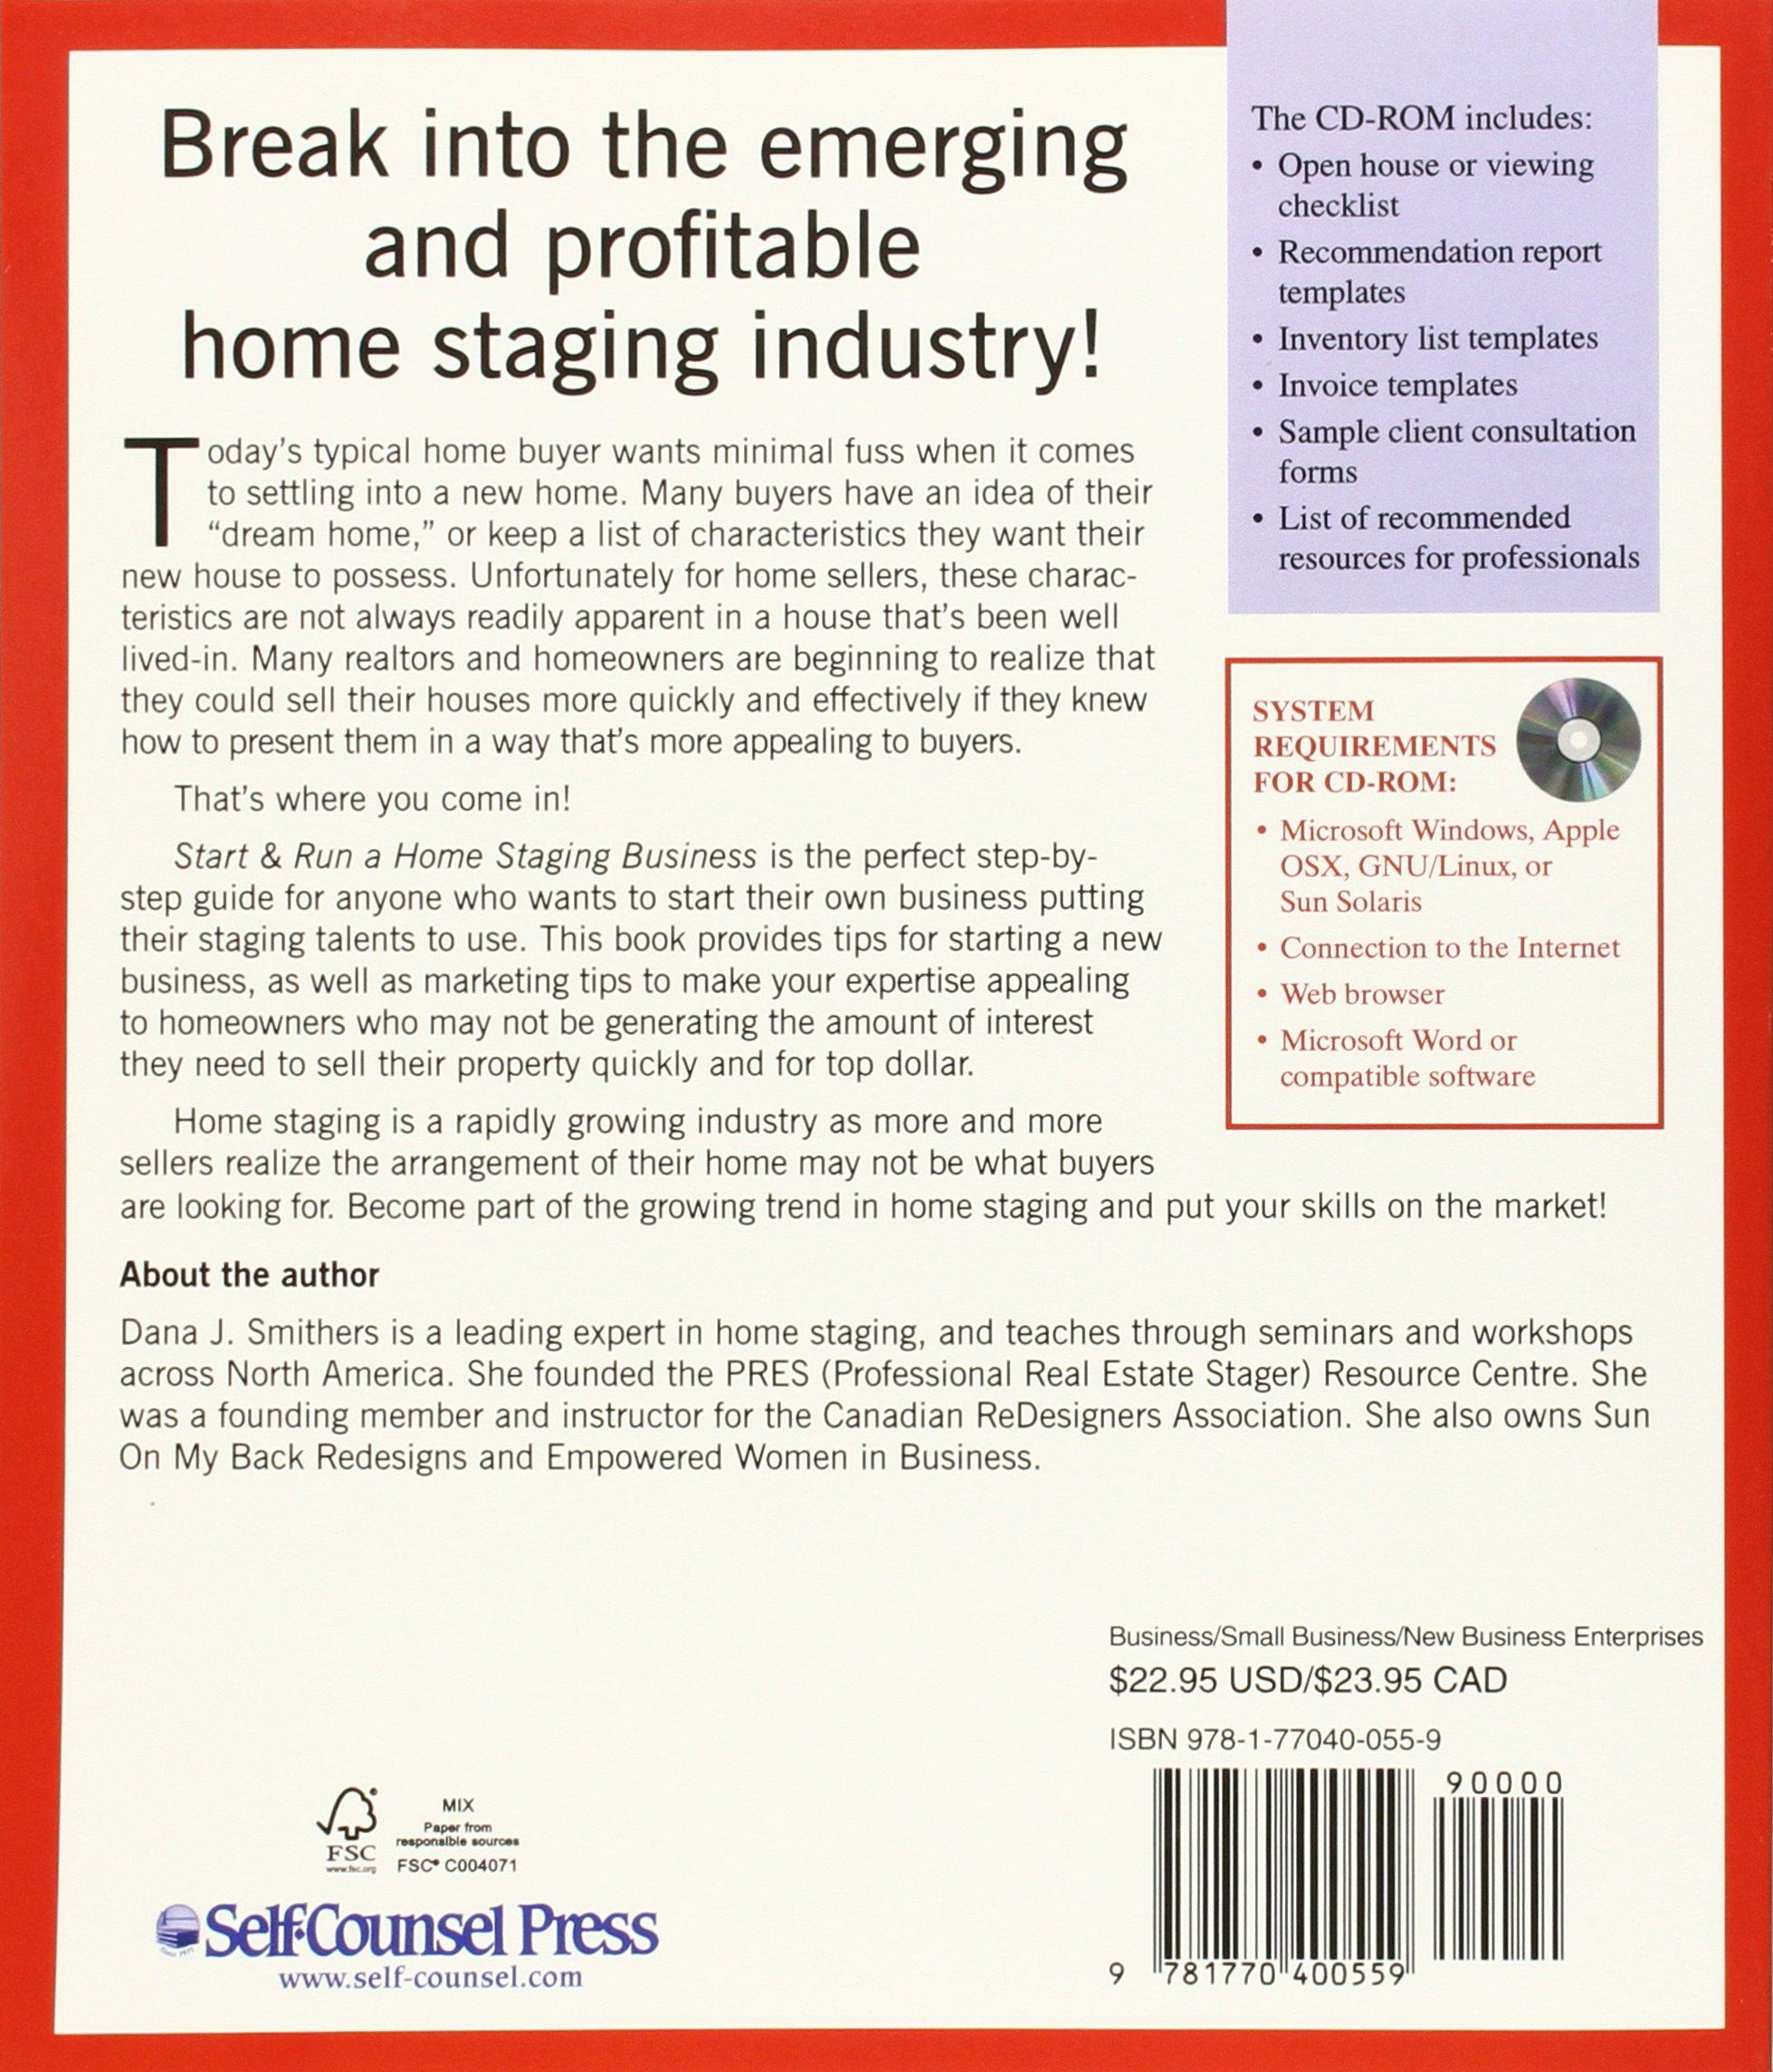 Start U0026 Run A Home Staging Business [With CDROM]: Amazon.de: Dana Smithers:  Fremdsprachige Bücher